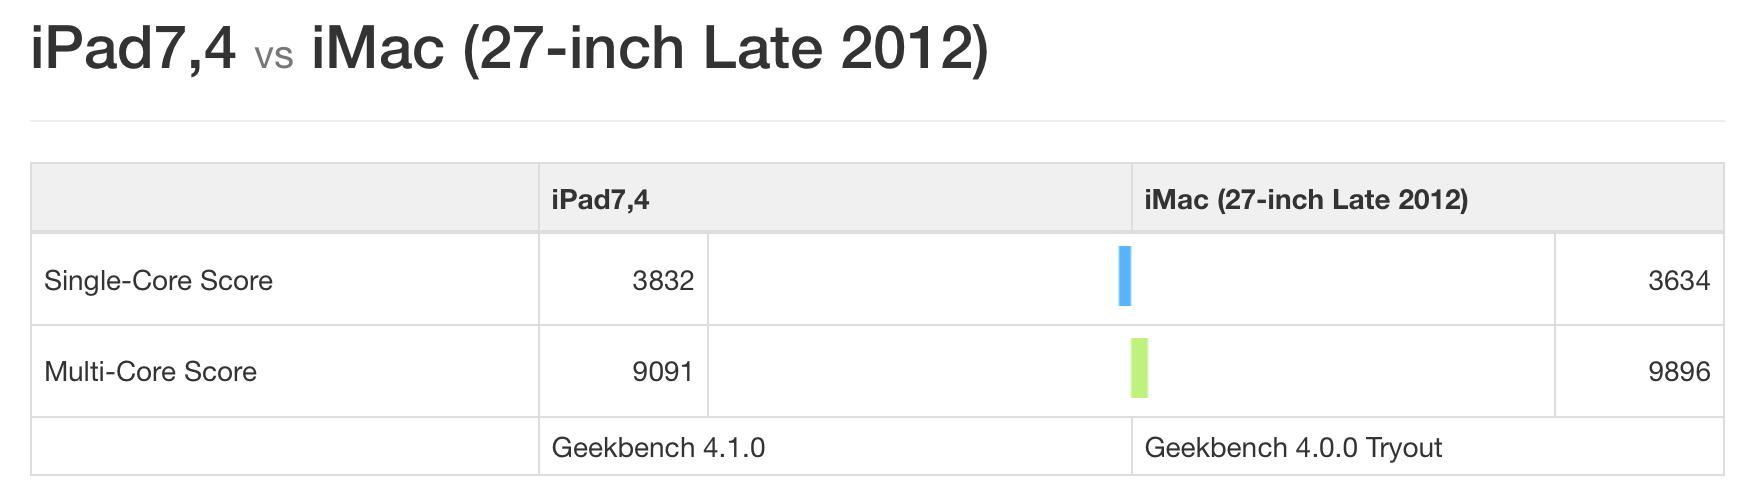 iPad - A7 vs A10X | MacRumors Forums